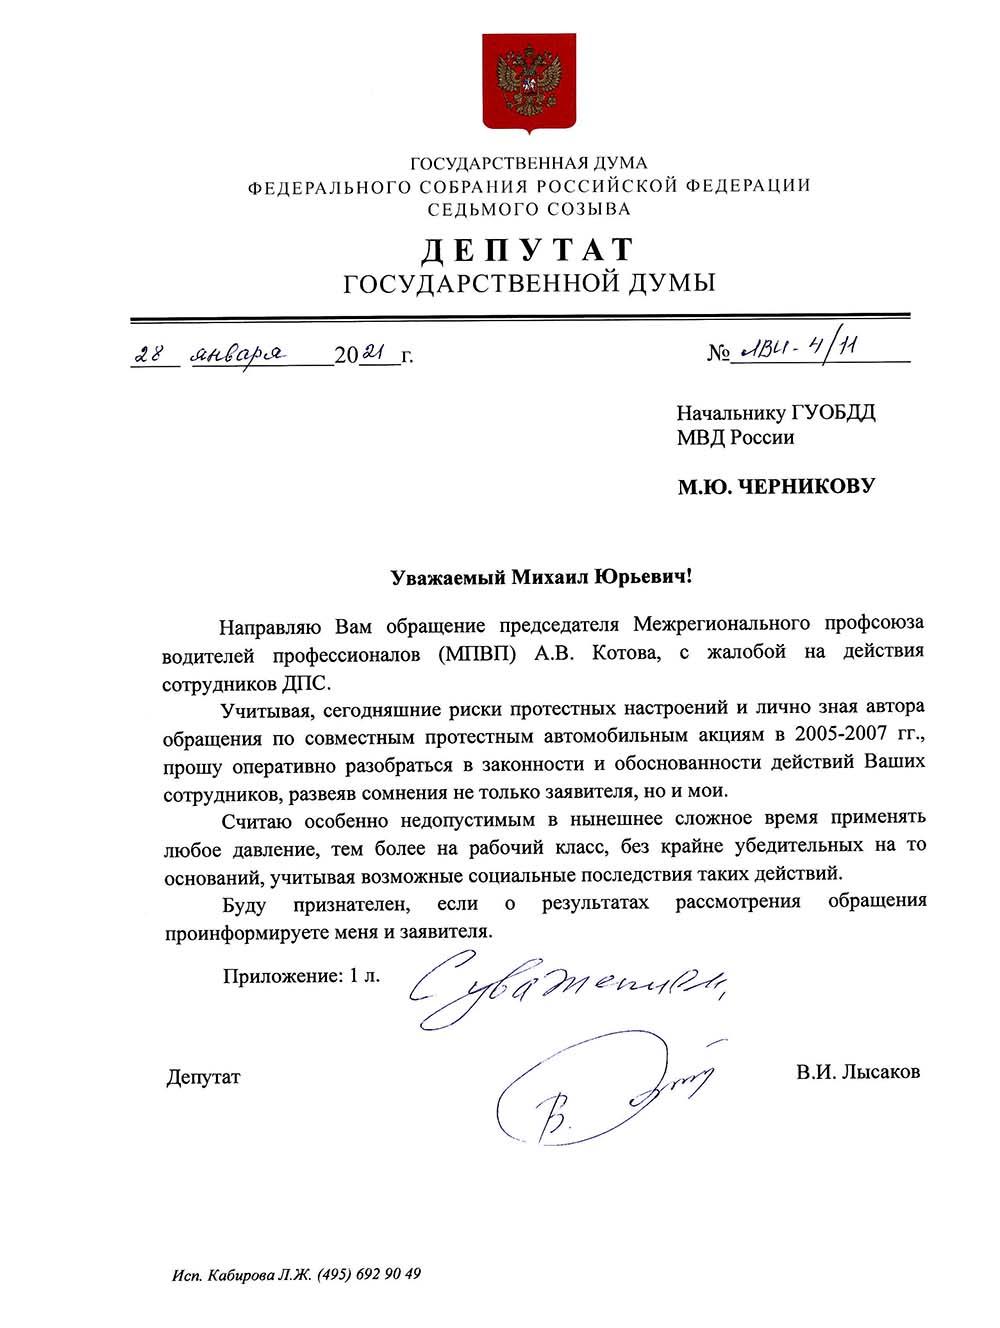 Черникову М.Ю. ГУОБДД по Котову А..jpg